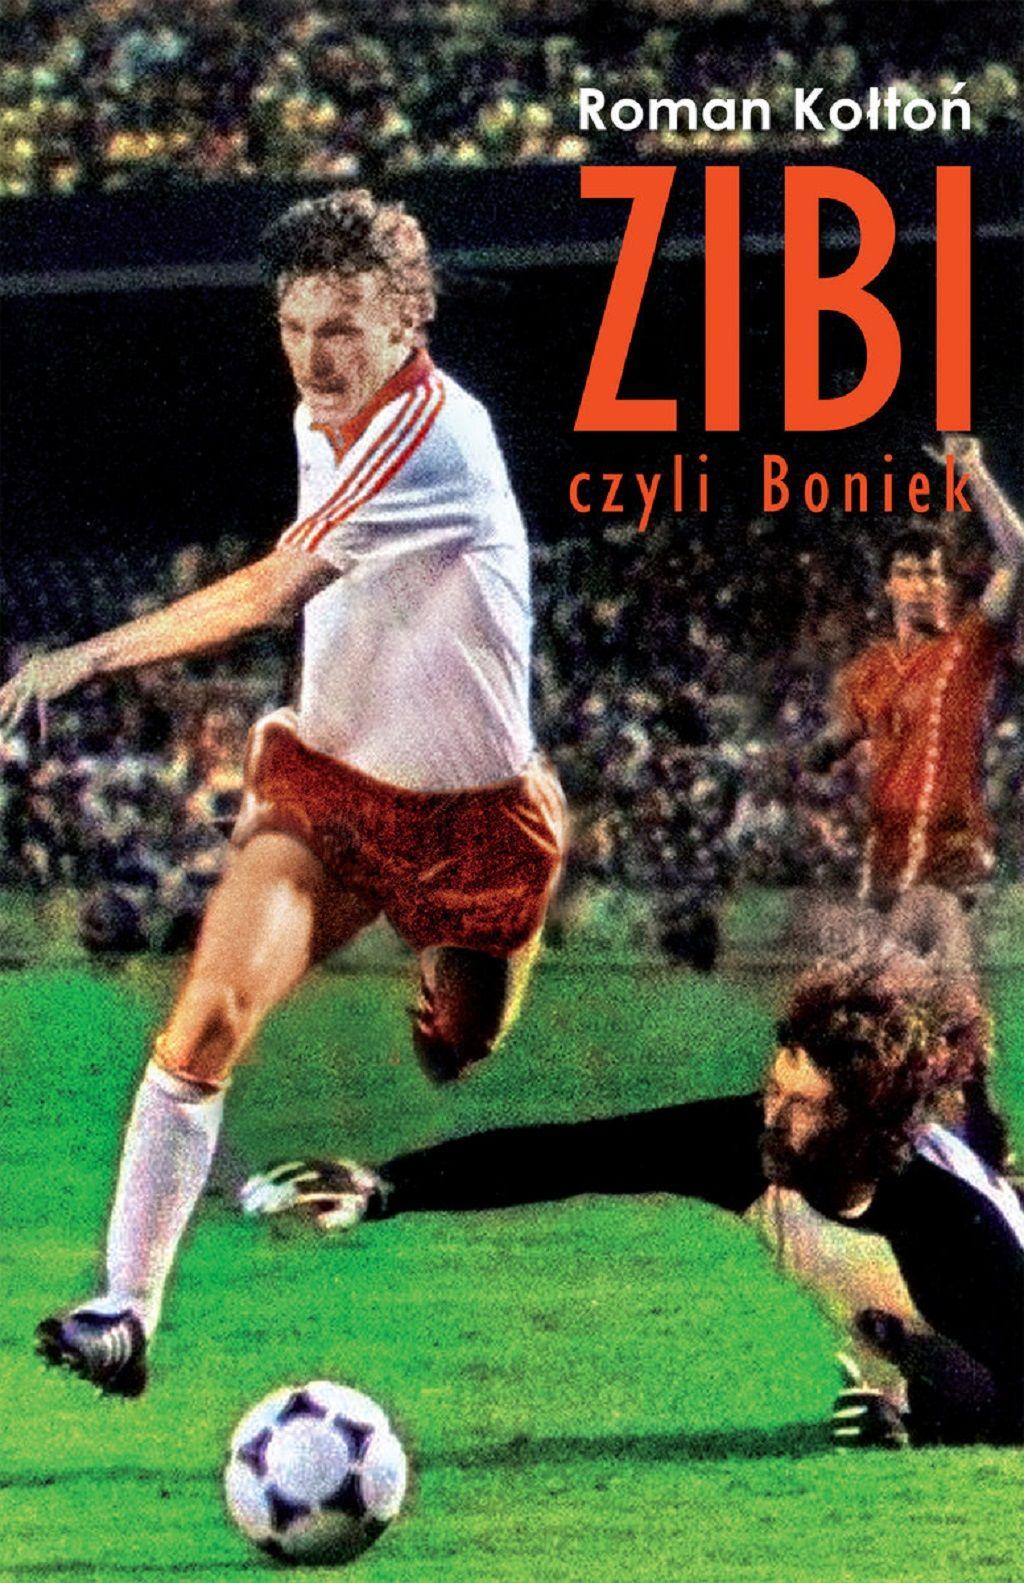 Roman Kołtoń – Zibi, czyli Boniek